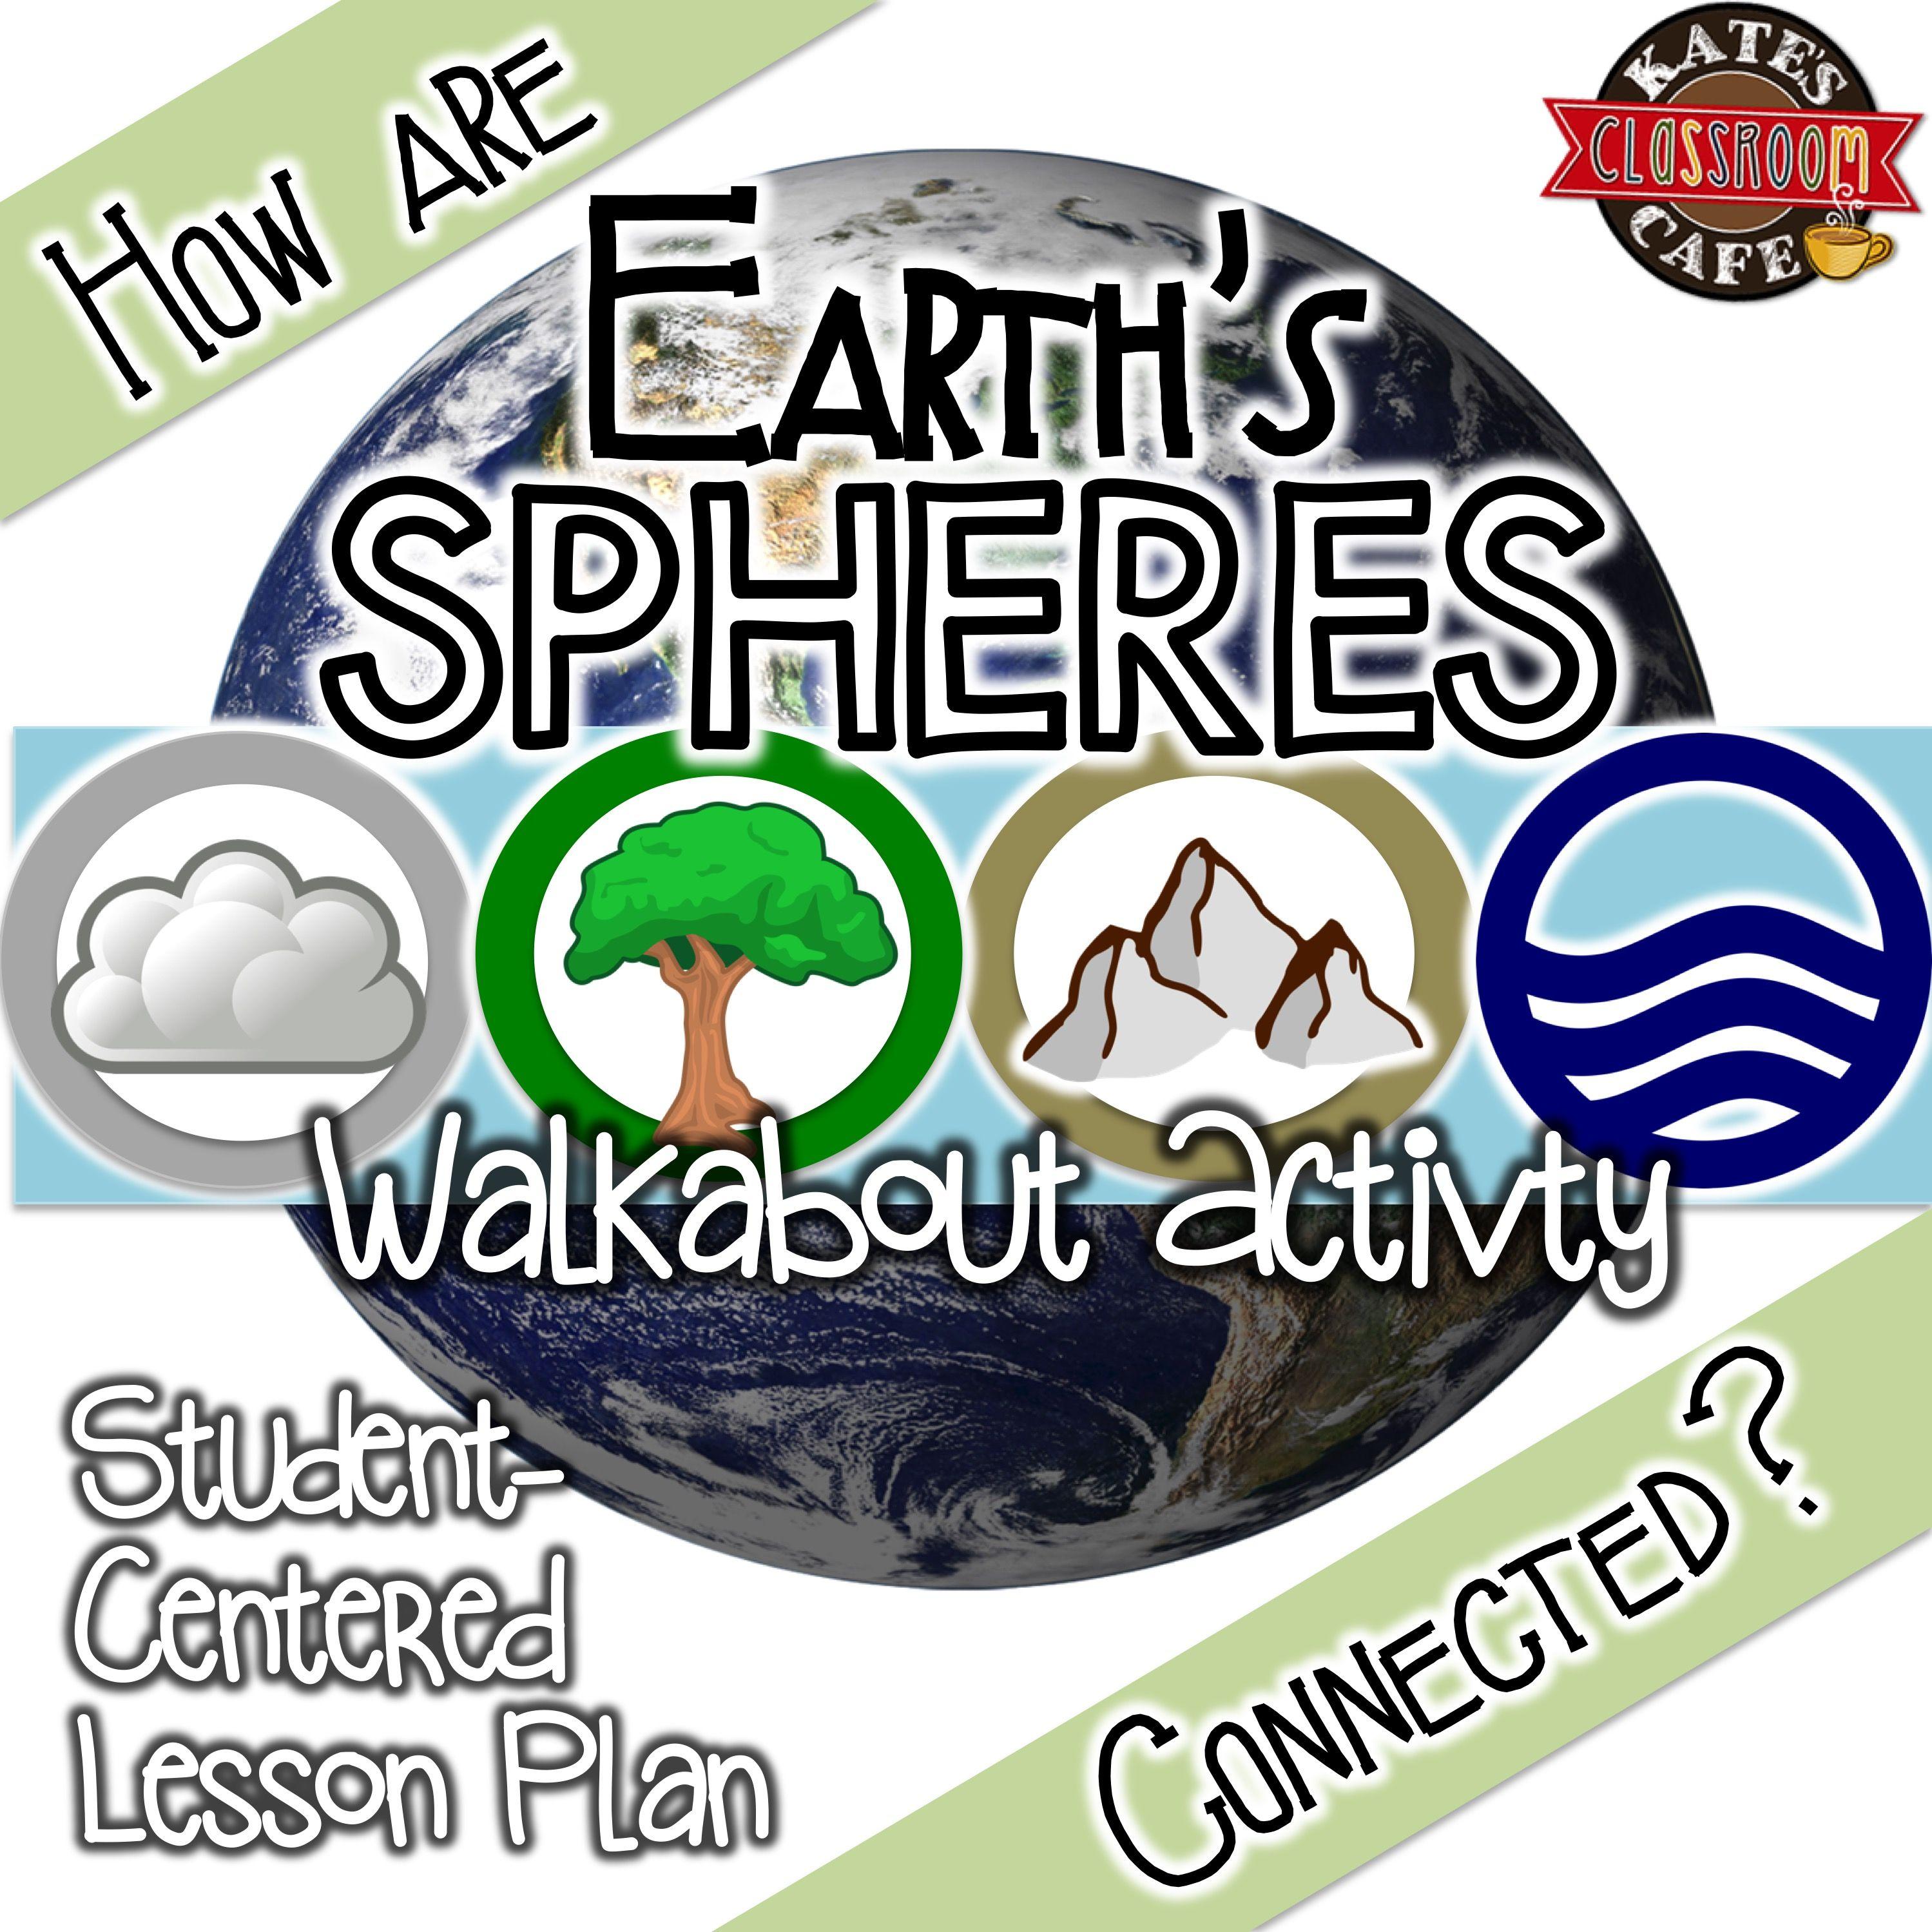 earth u0027s spheres biosphere hydro atmo geo walkabout activity